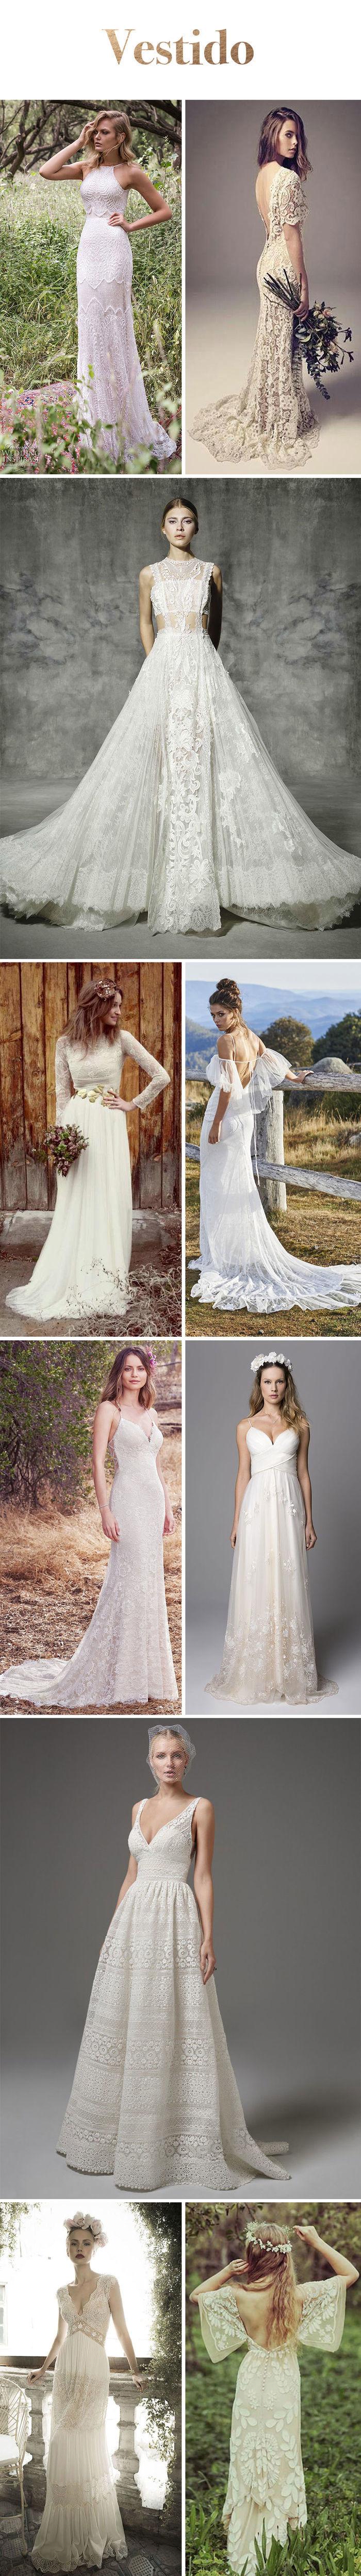 Inspiração: Casamento Boho - Vestido